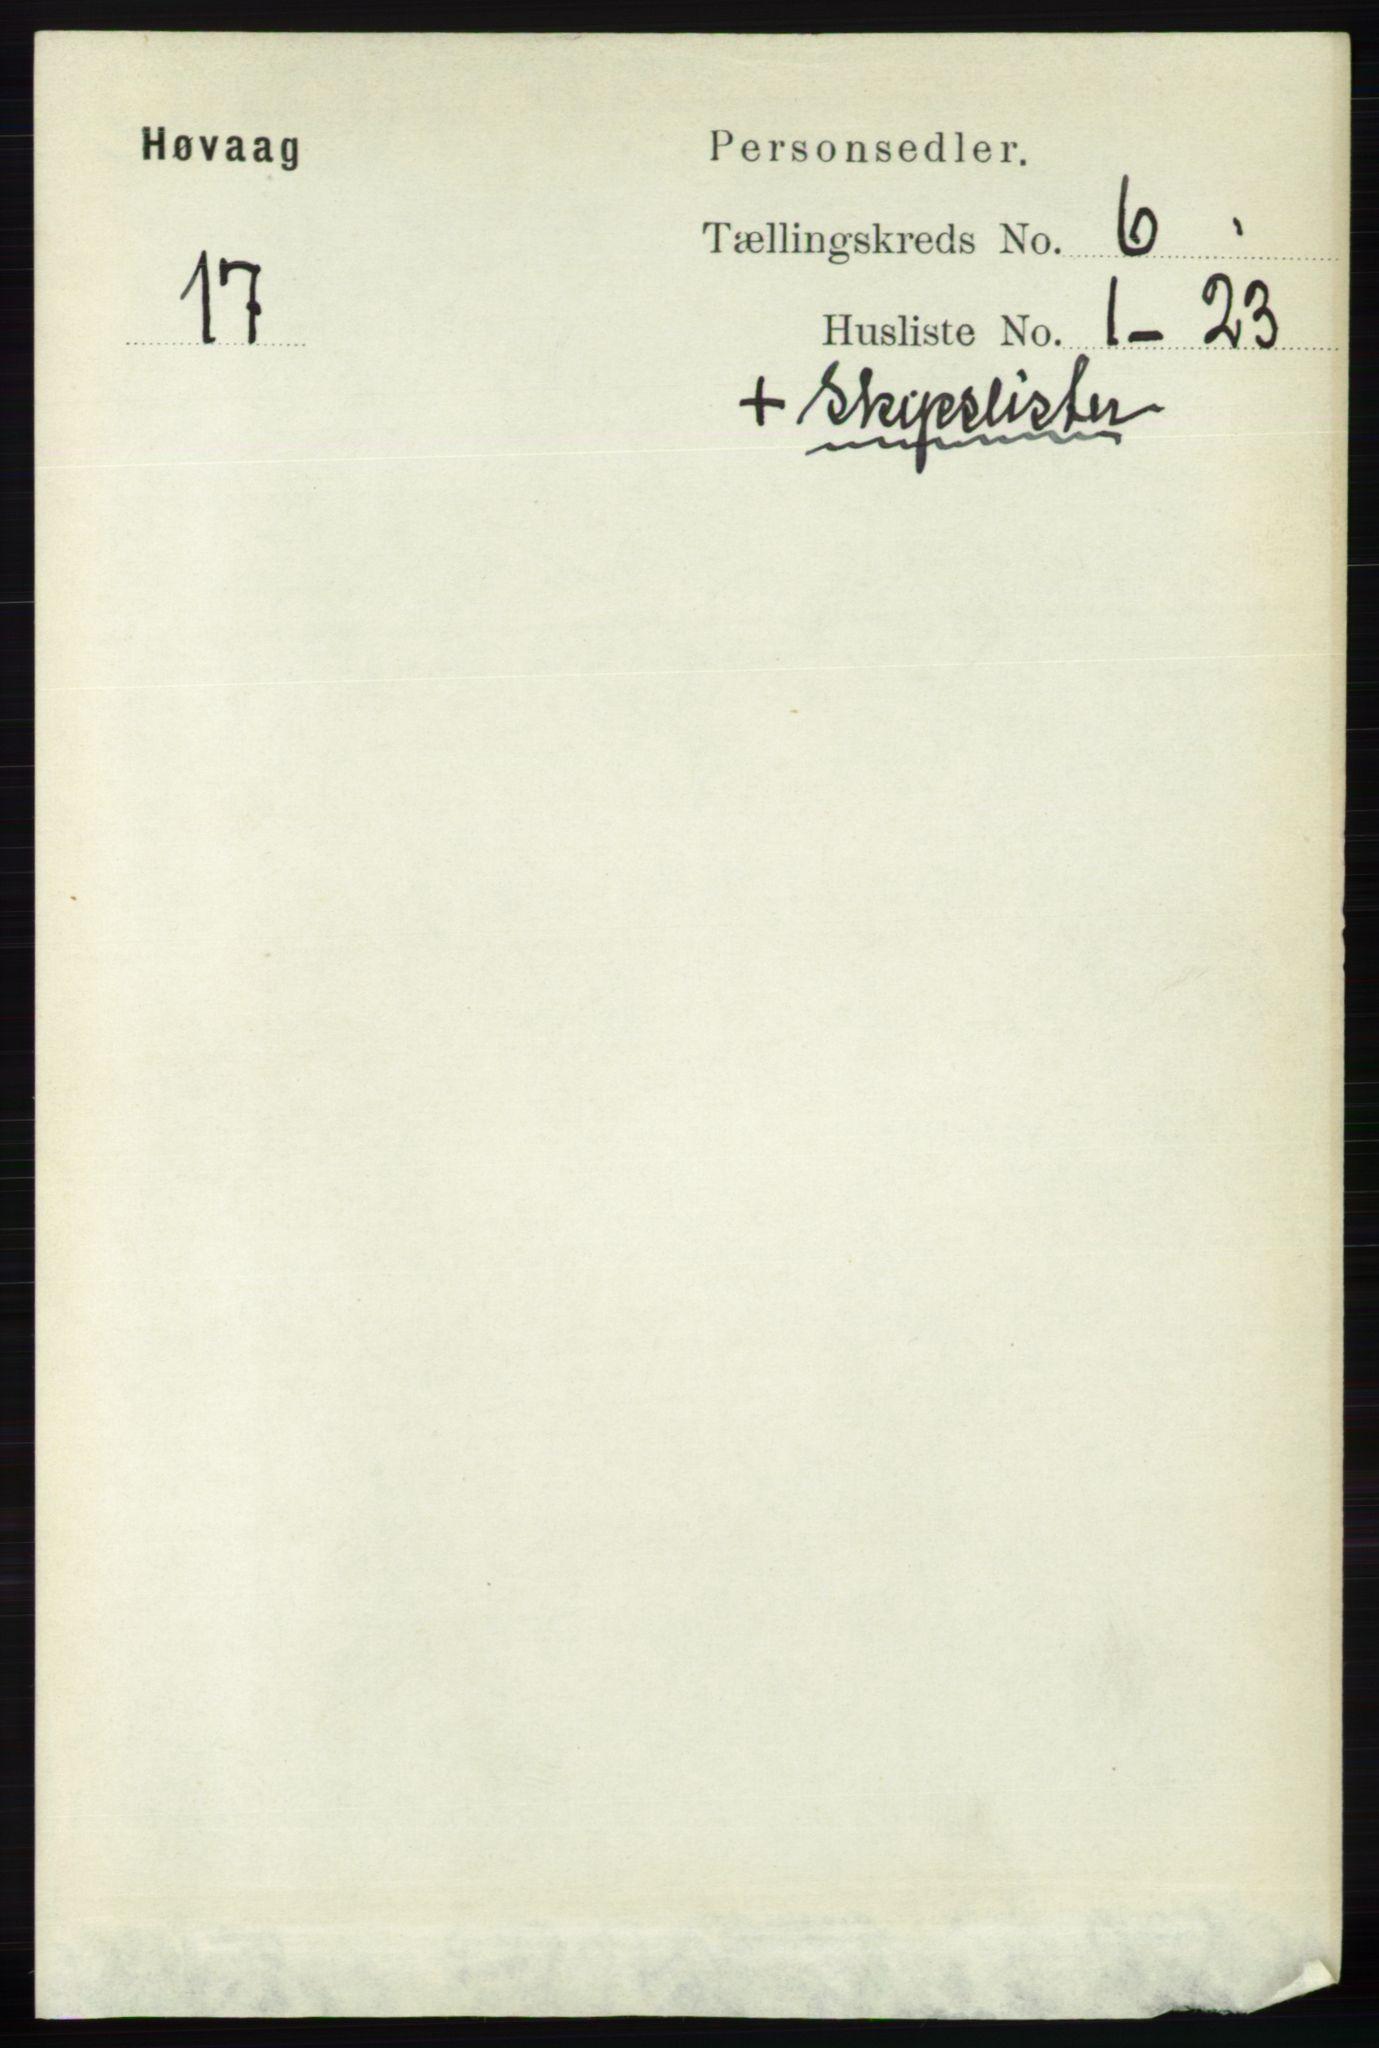 RA, Folketelling 1891 for 0927 Høvåg herred, 1891, s. 2215